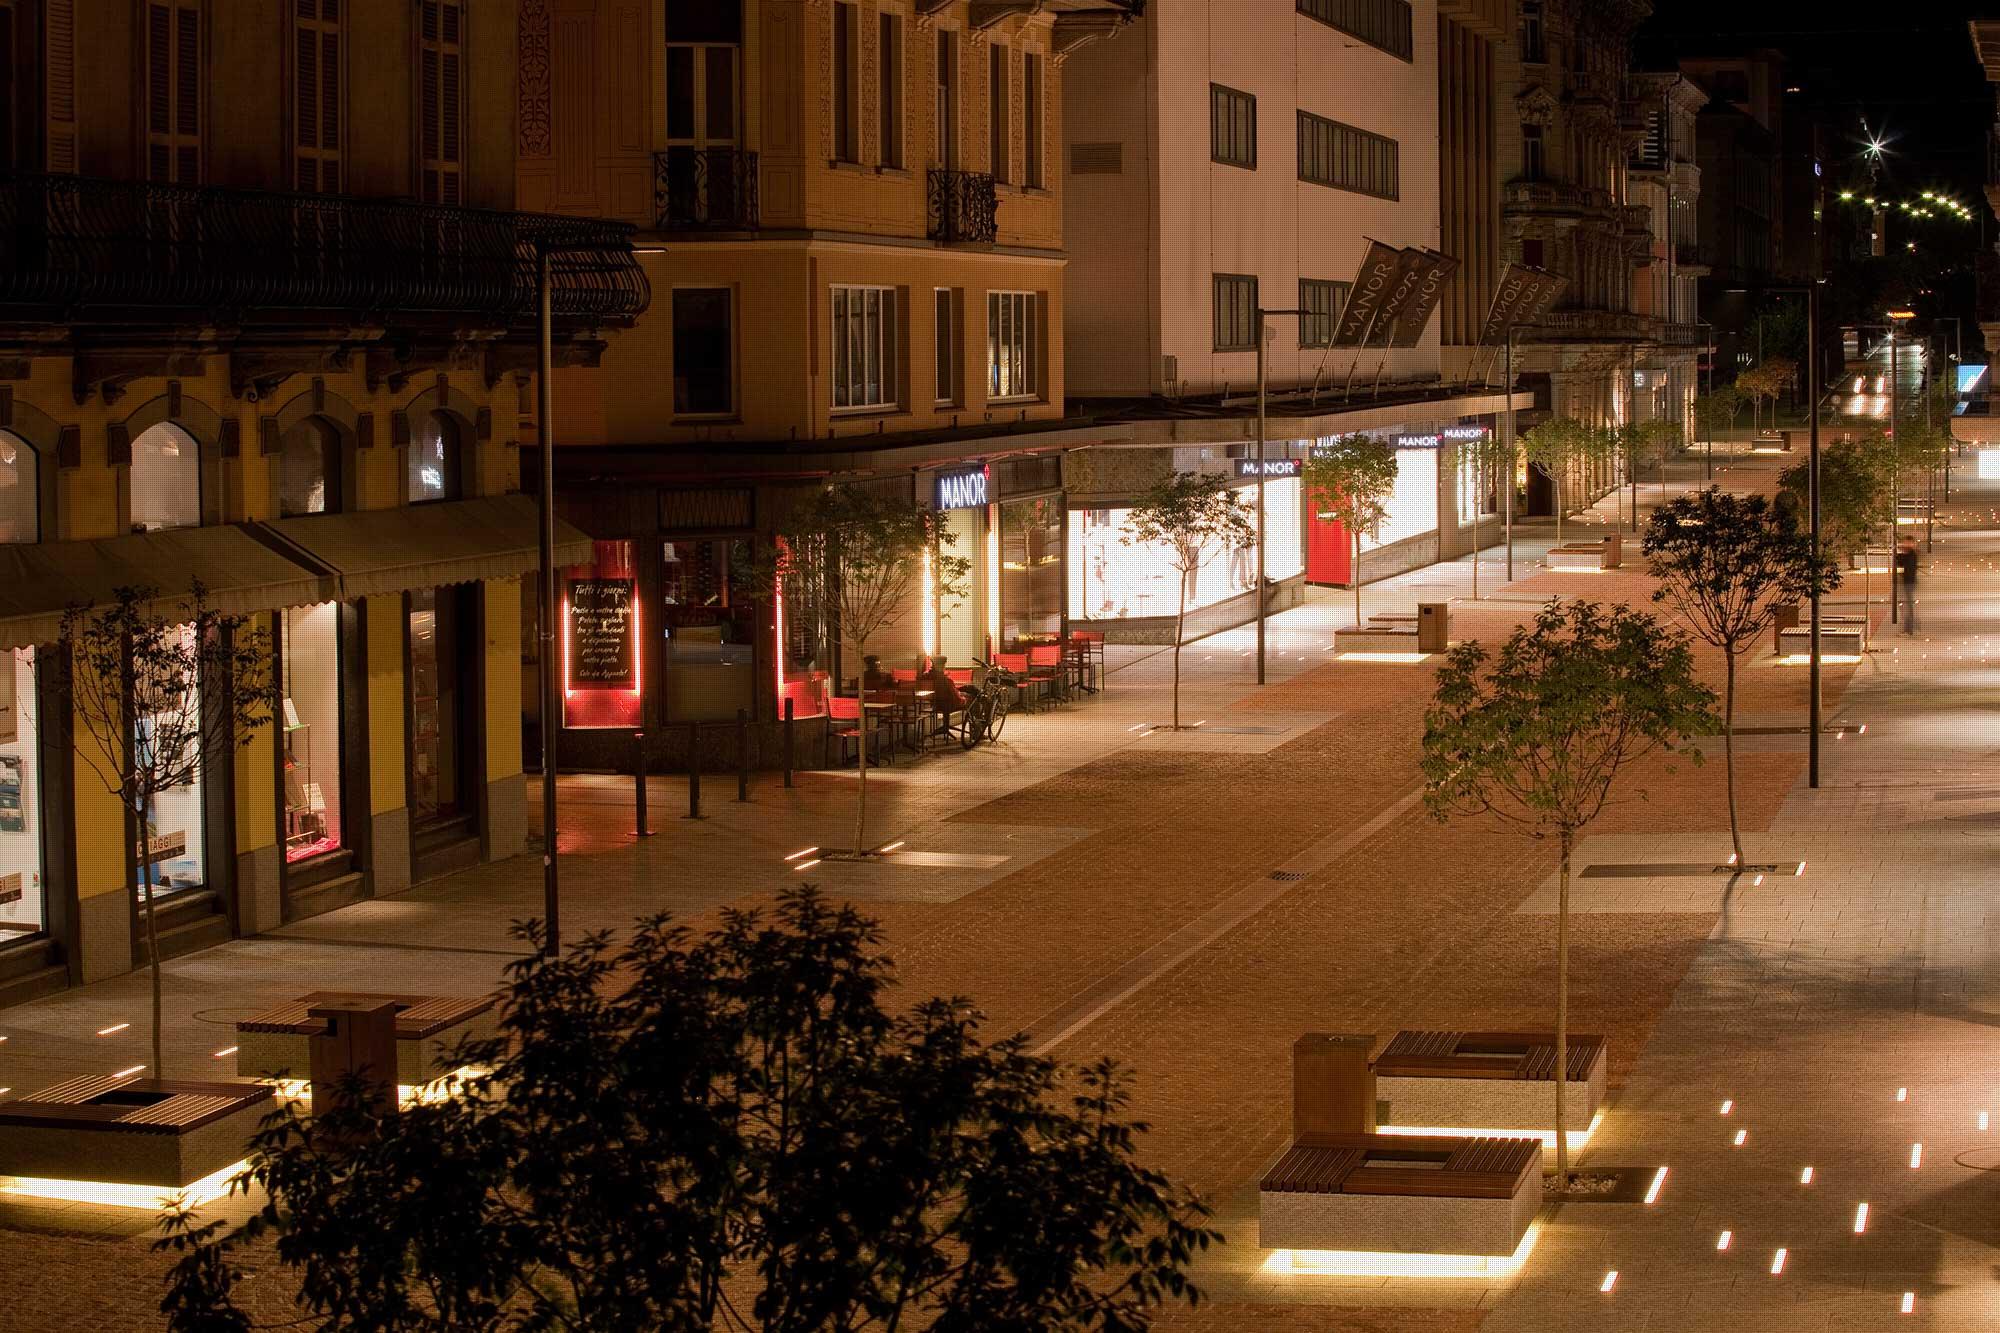 VIALE STAZIONE - Bellinzona  - Svizzera